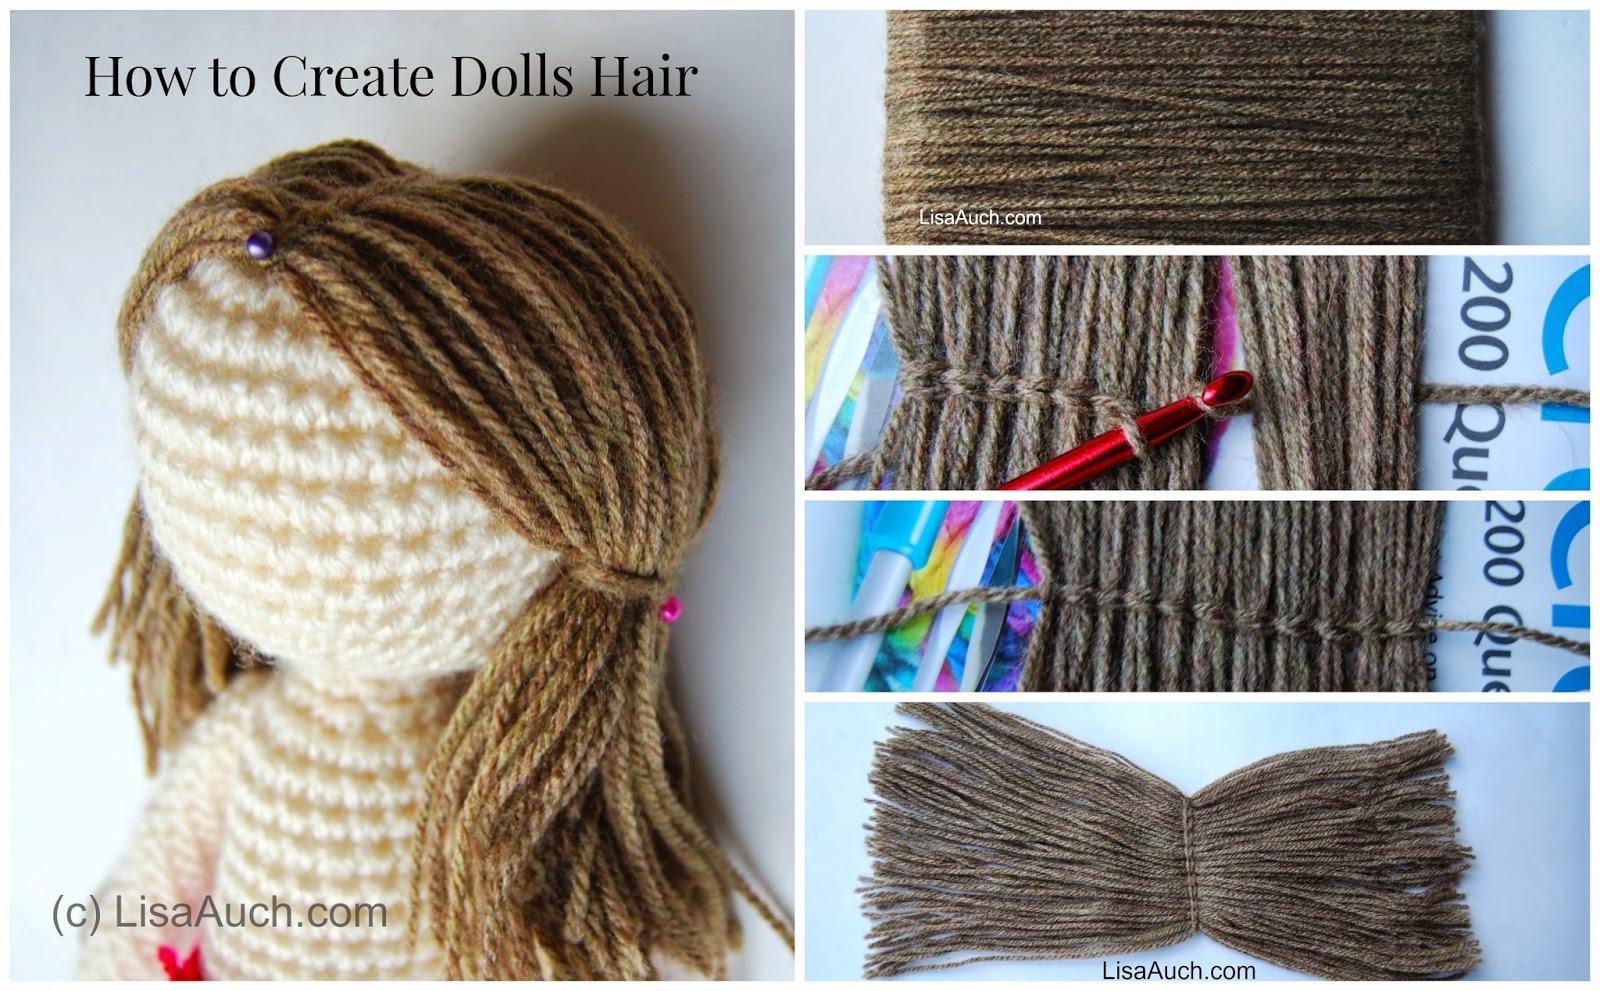 How To Crochet Easy how to crochet dolls hair (easy) donfbms